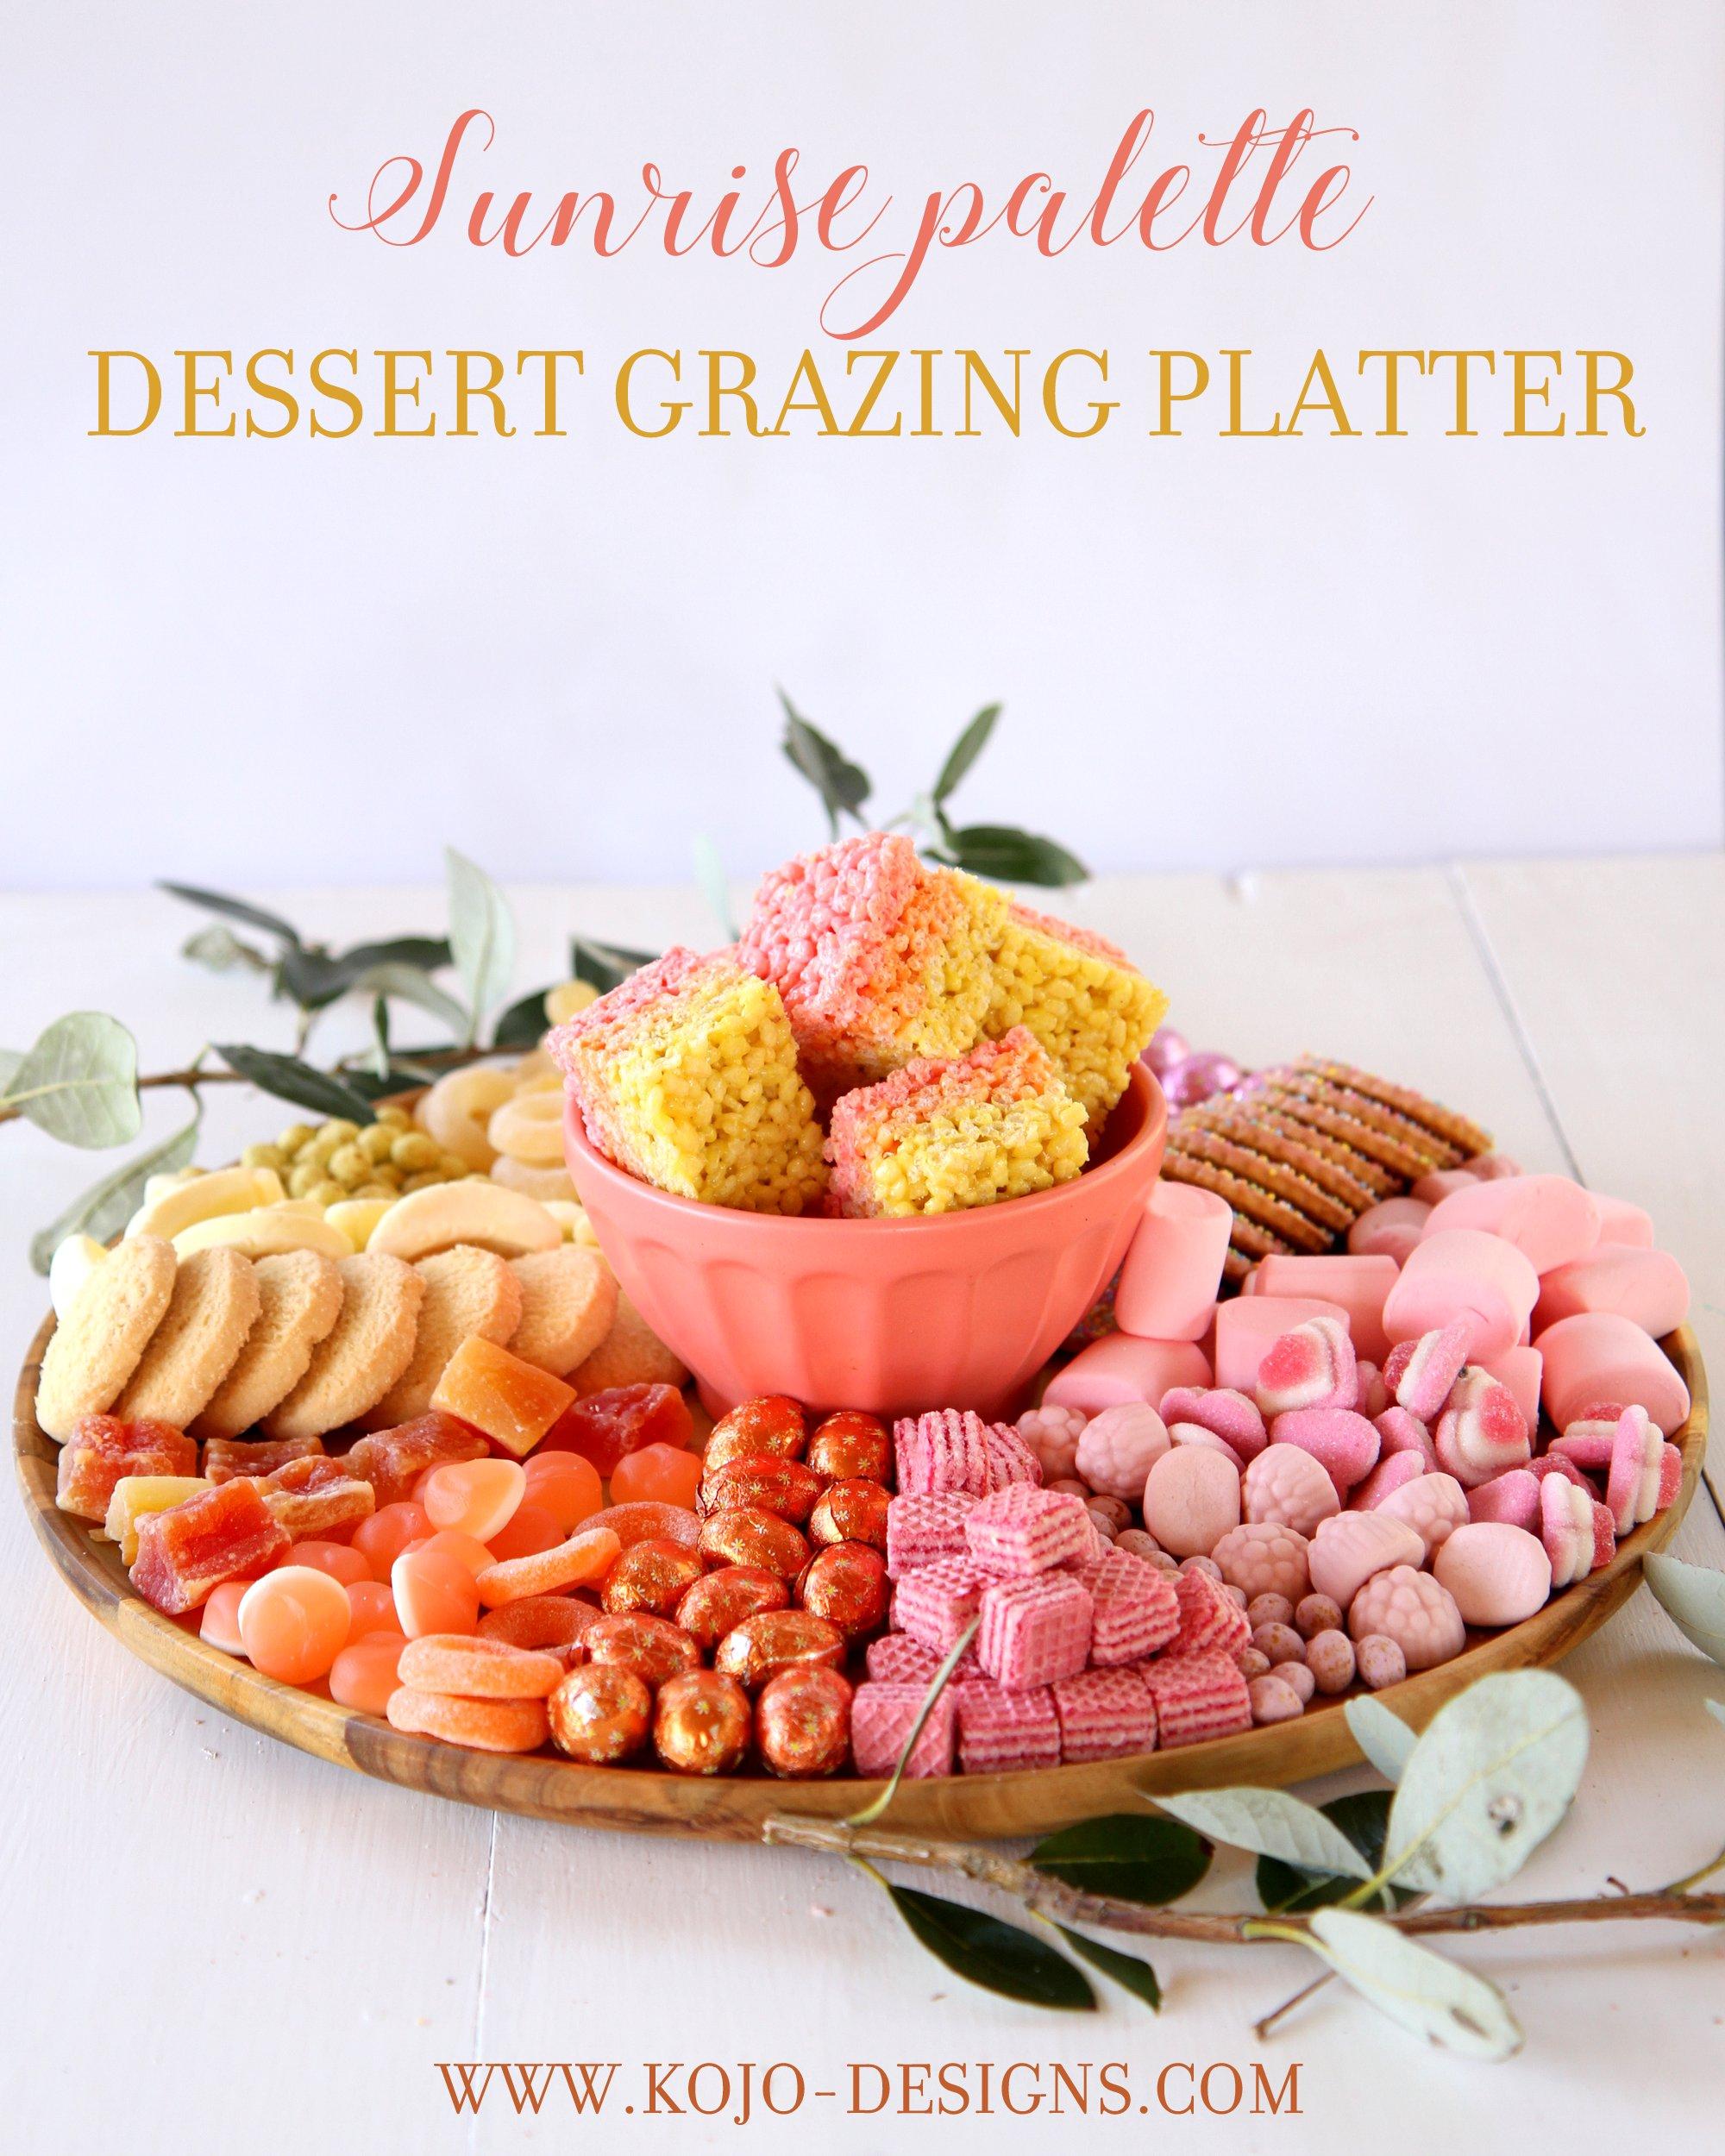 ombre sunrise palette dessert grazing platter